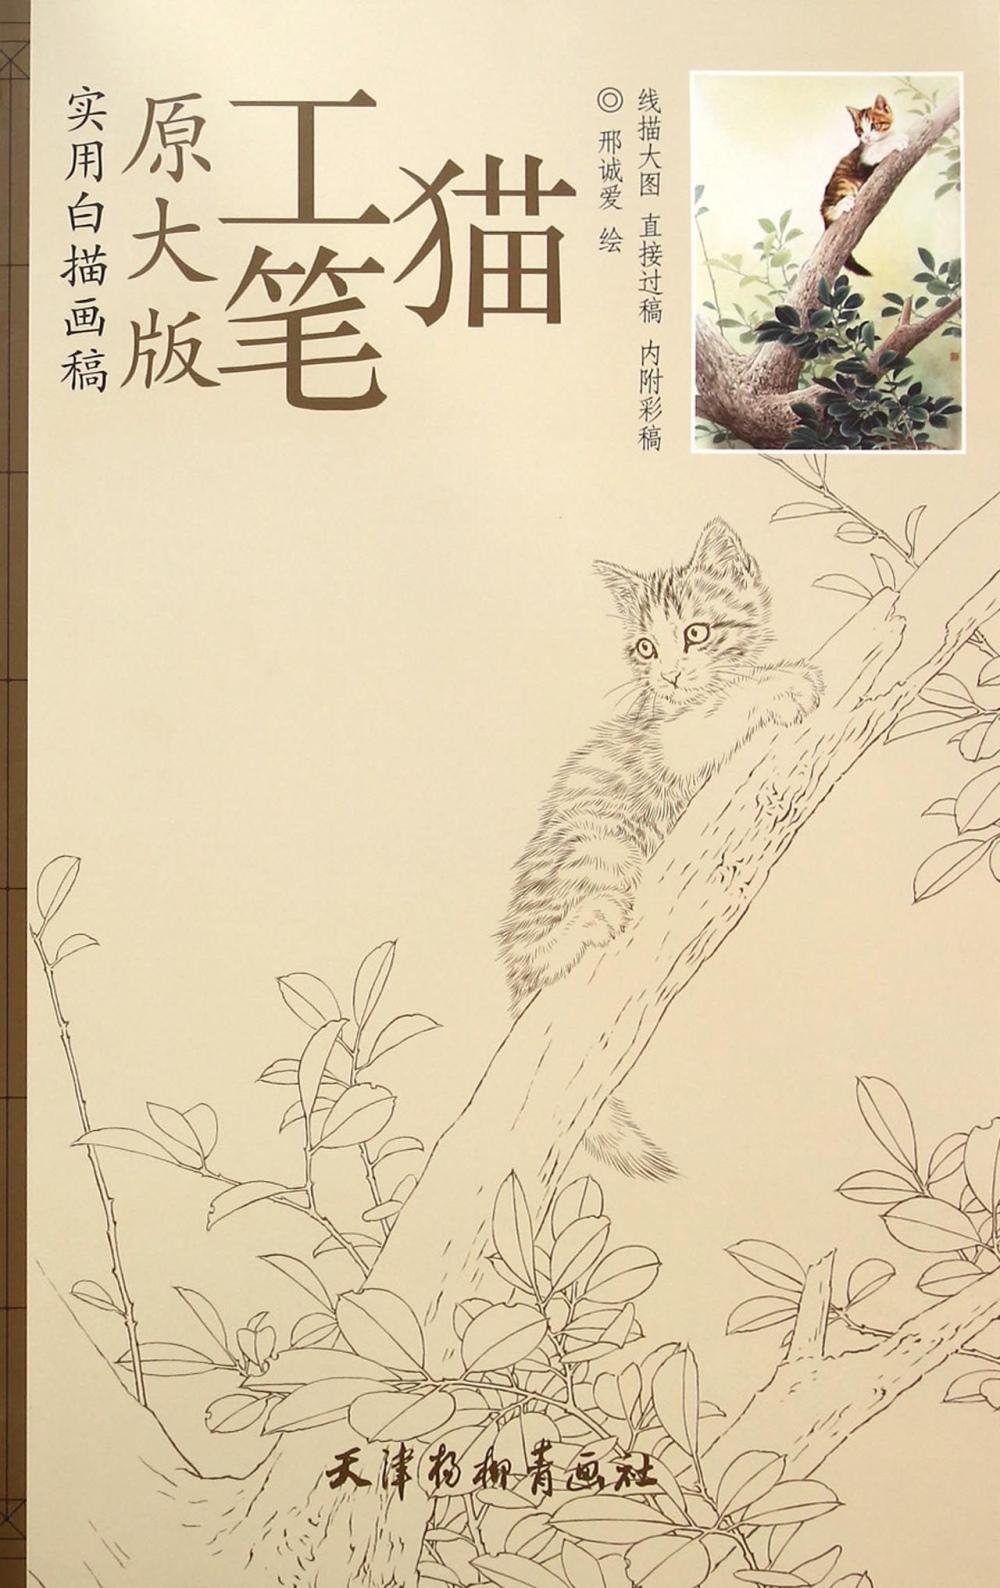 實用白描畫稿原大版:工筆貓